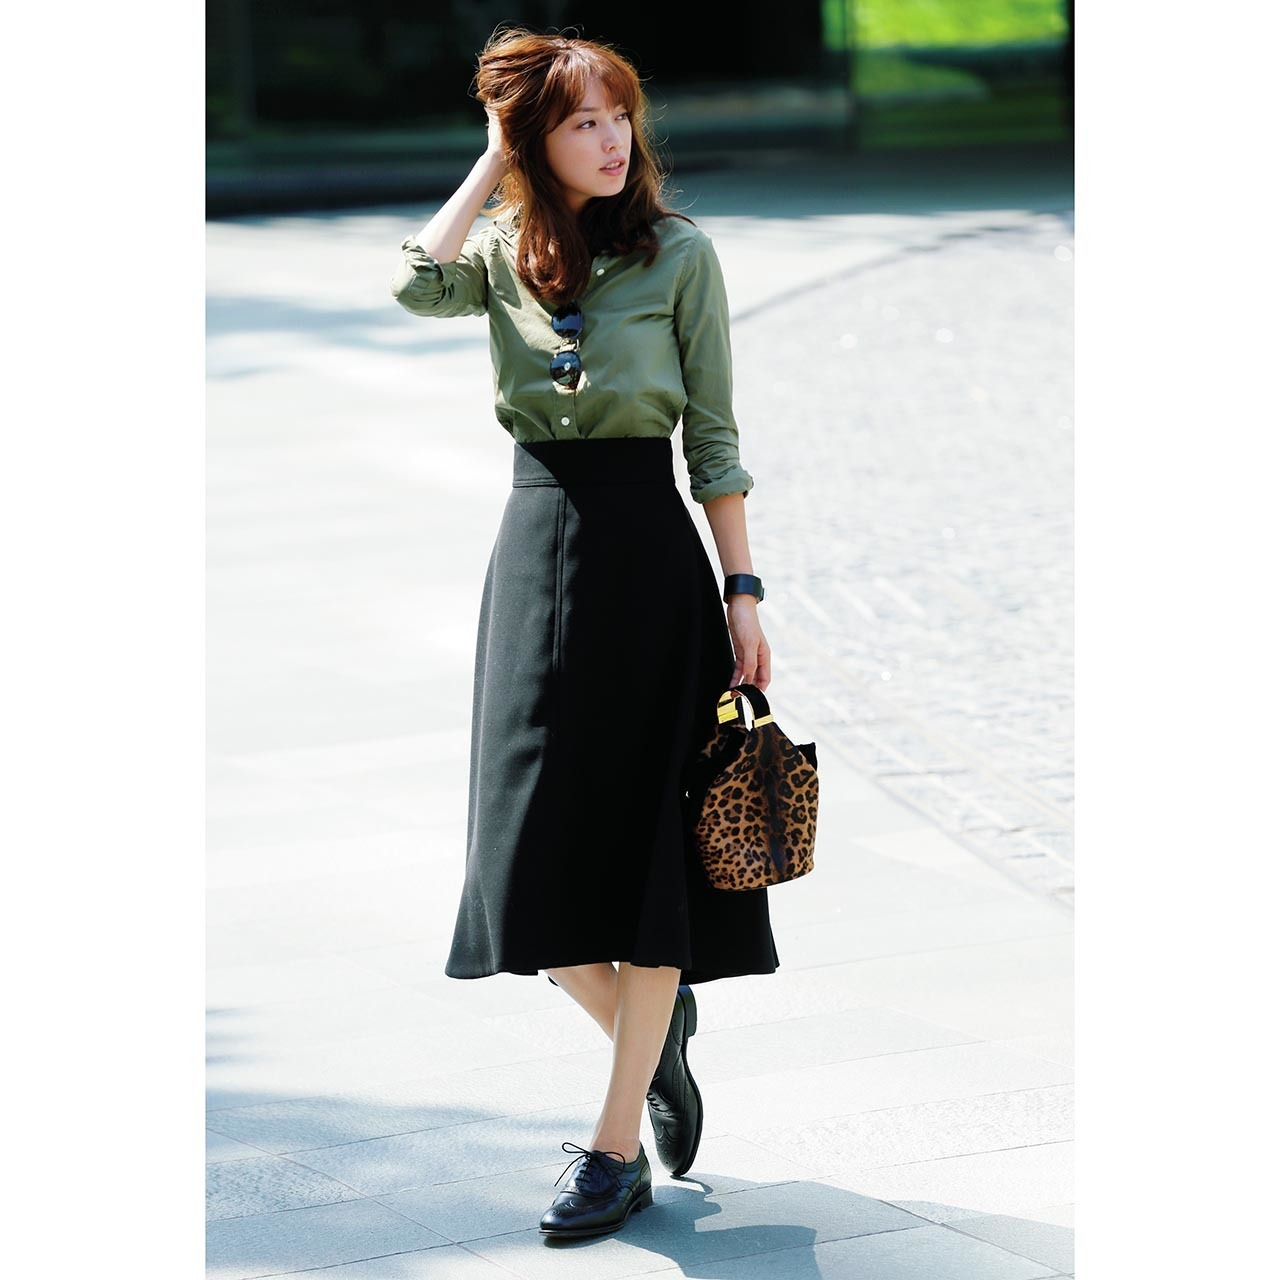 カーキ×黒スカートのファッションコーデ